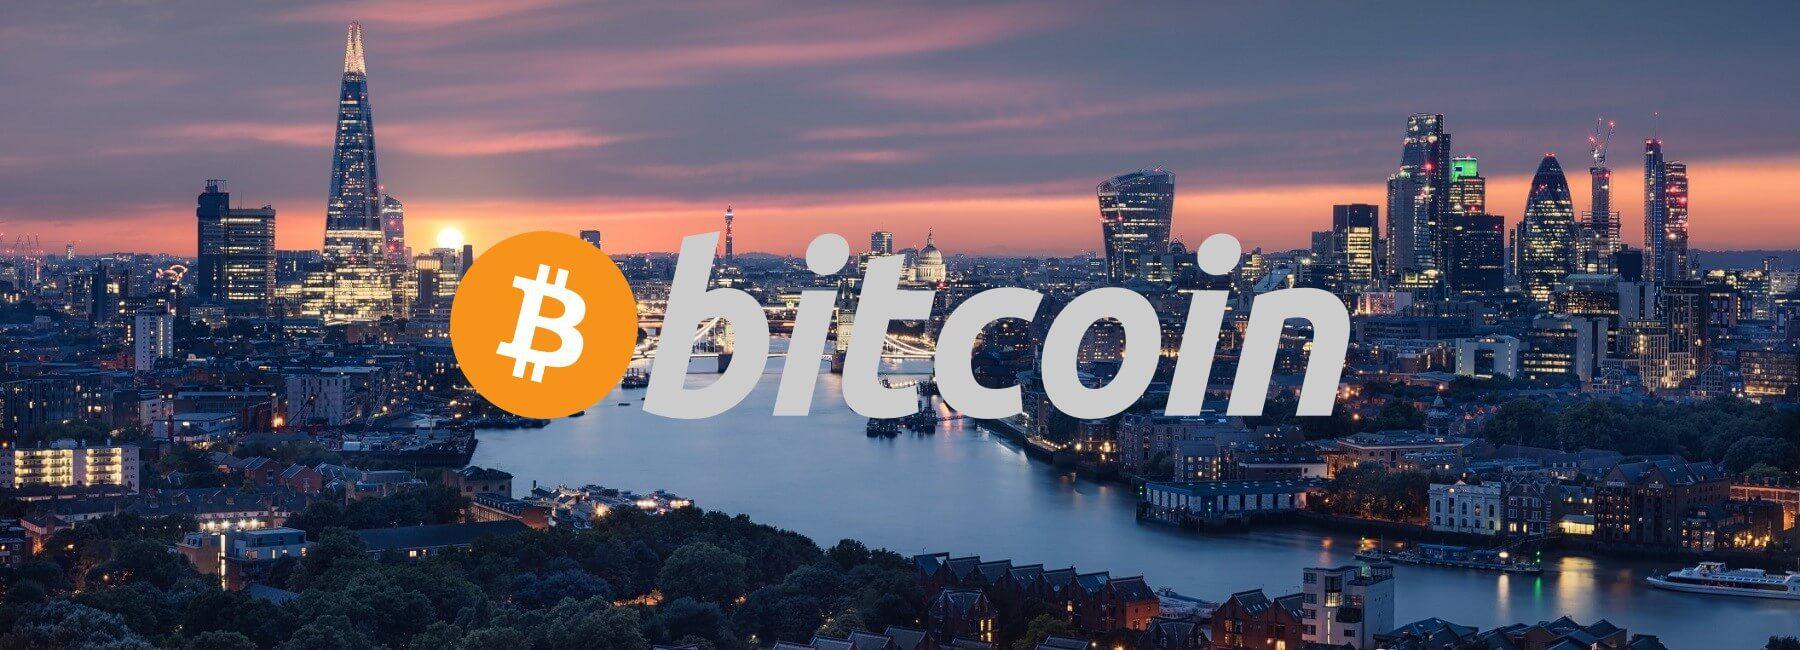 Đây là lời hứa của sự thống trị Bitcoin